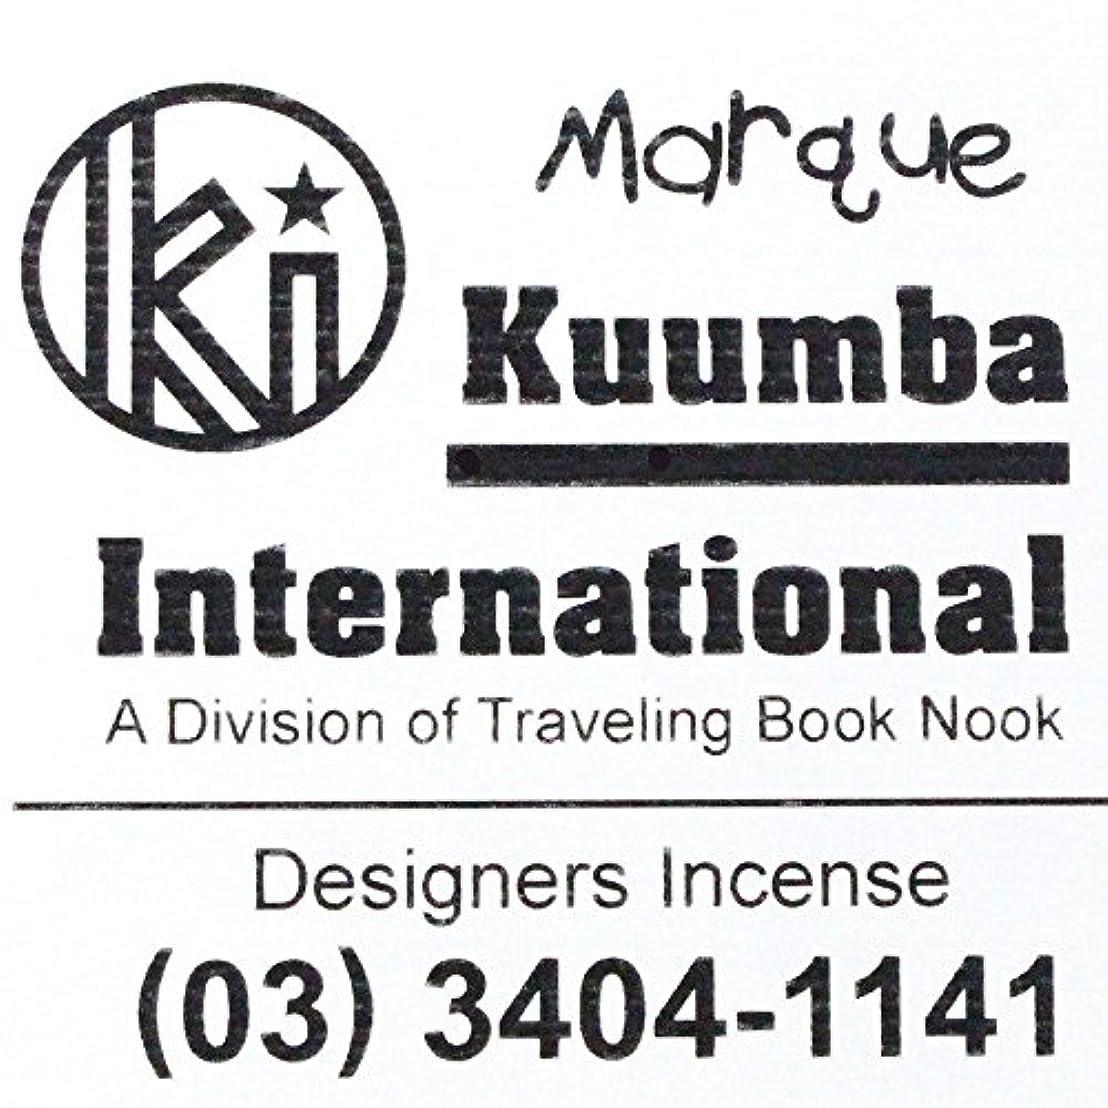 密度フォーマル納税者(クンバ) KUUMBA『incense』(Marque) (Regular size)